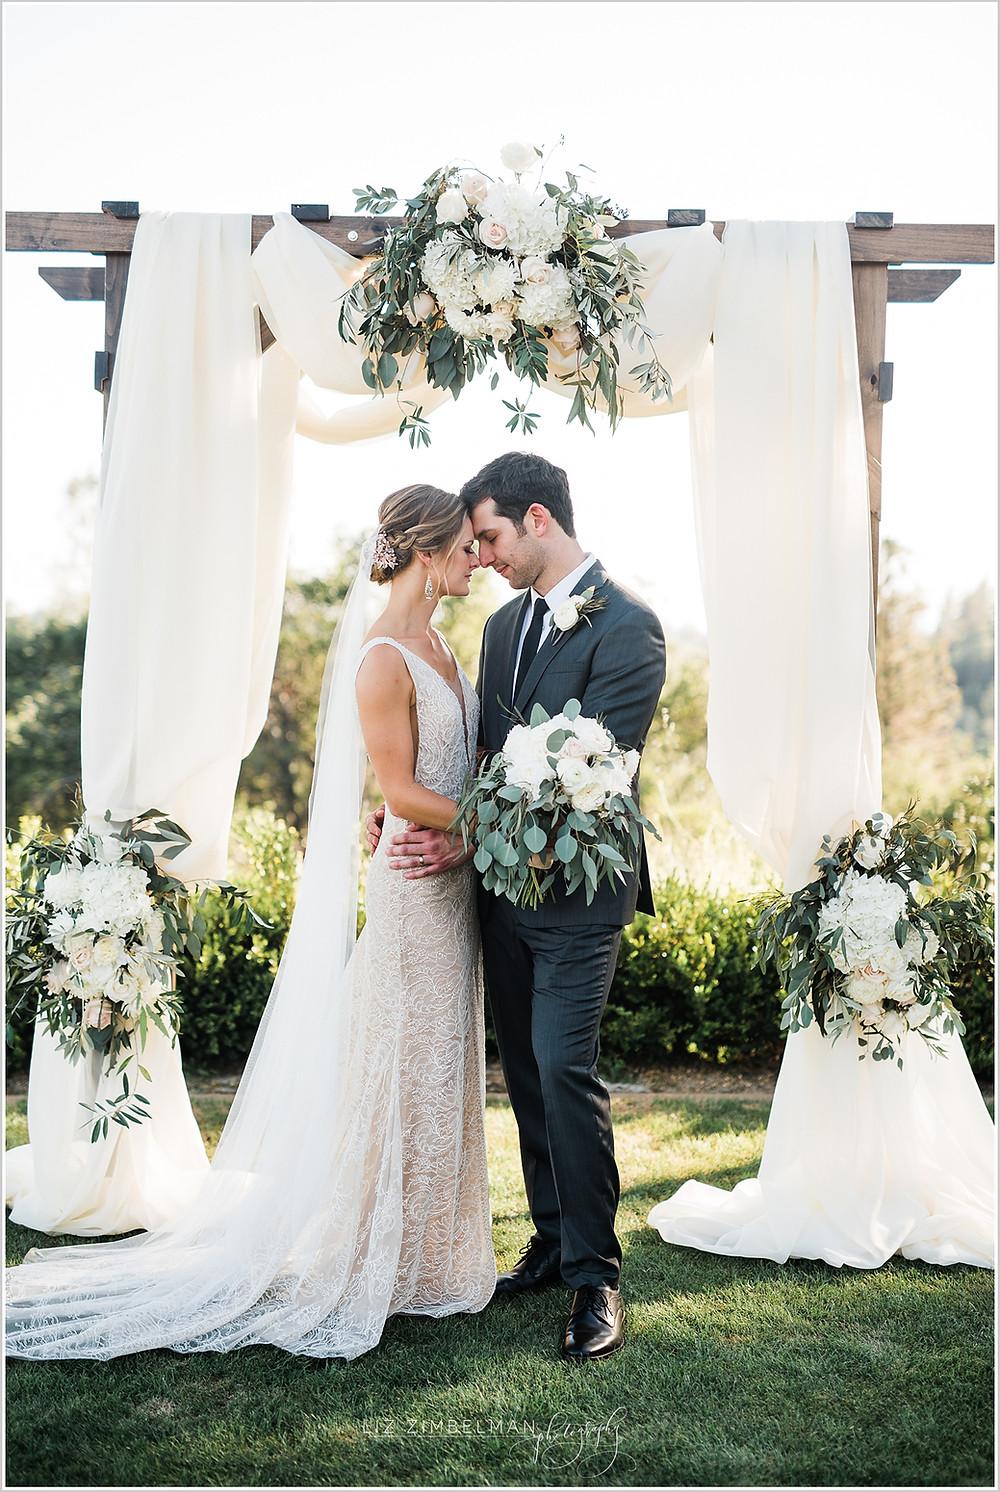 Bride and groom beneath wedding arch